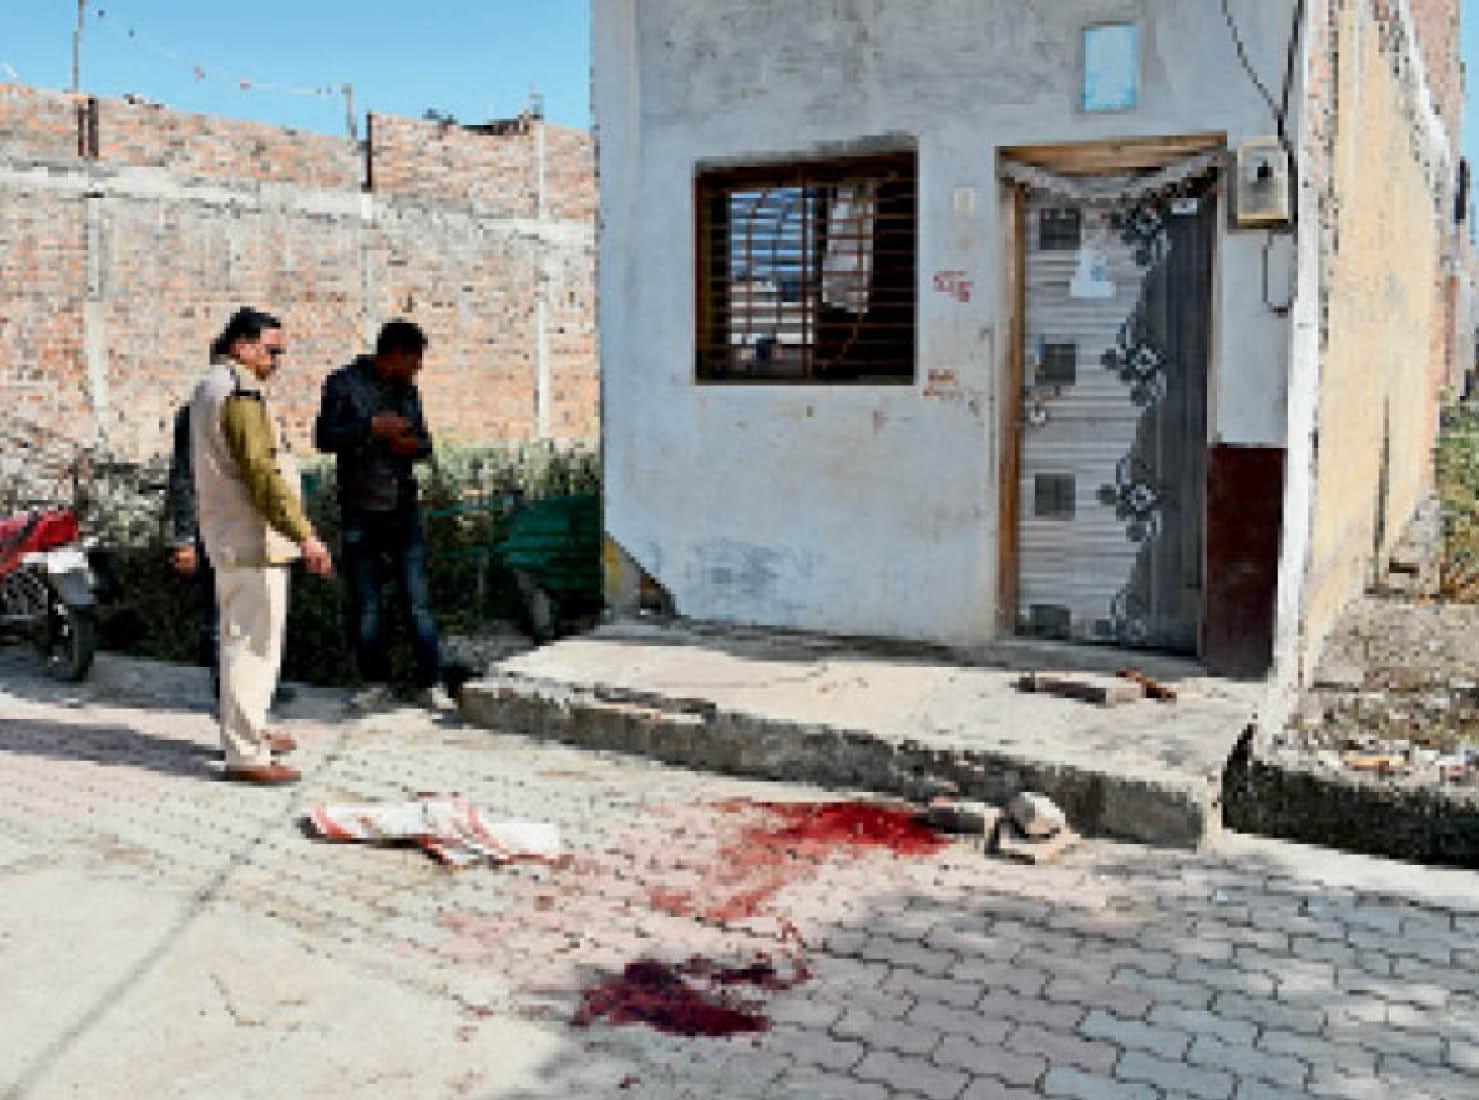 घटनास्थल पर फैला खून और वह बेलन, जिसे महिला के गले में ठूंसा गया।